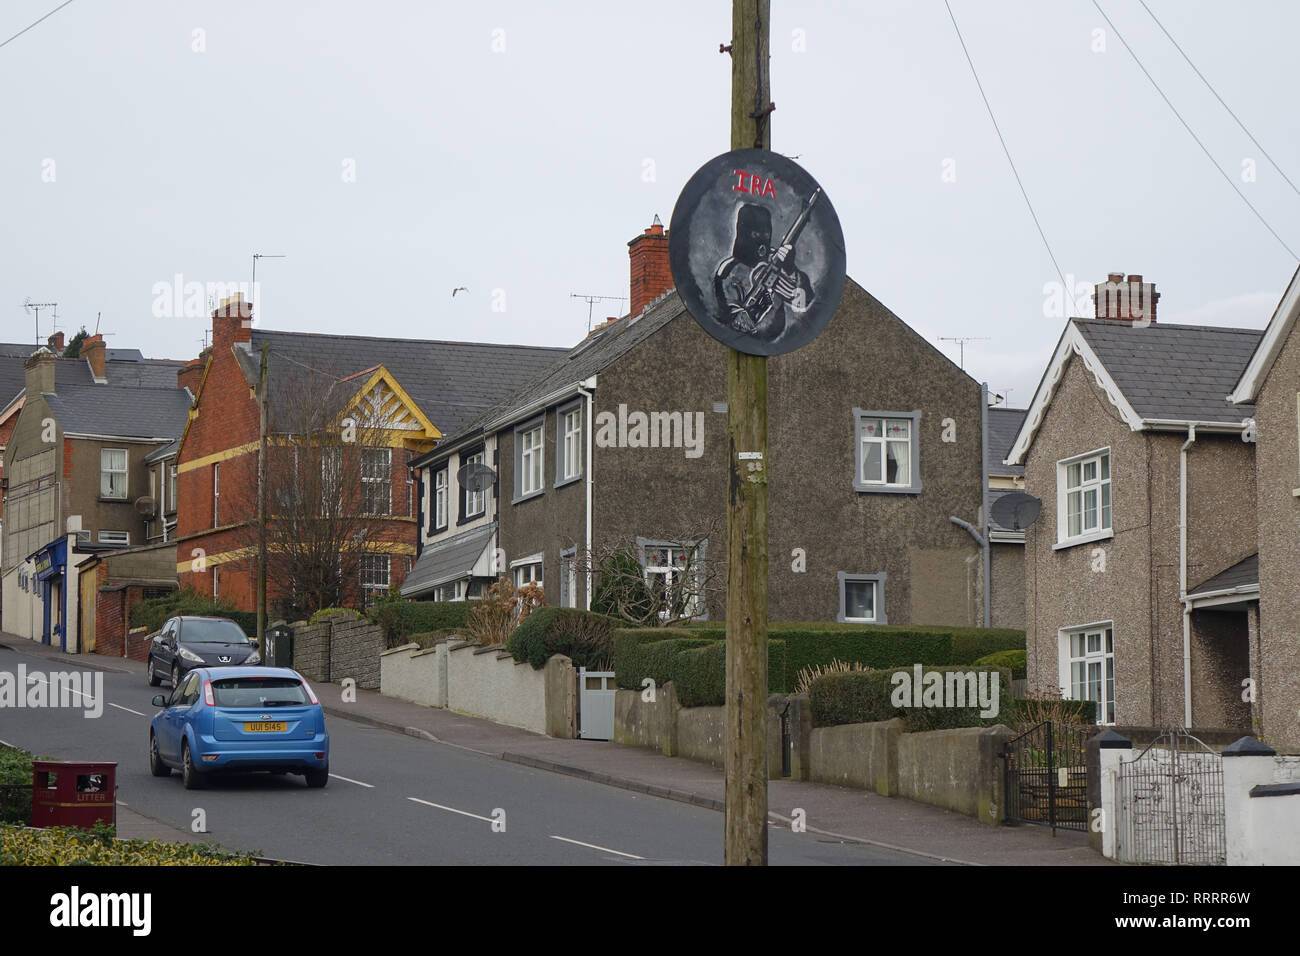 Creggan in Derry, Northern Ireland - Stock Image